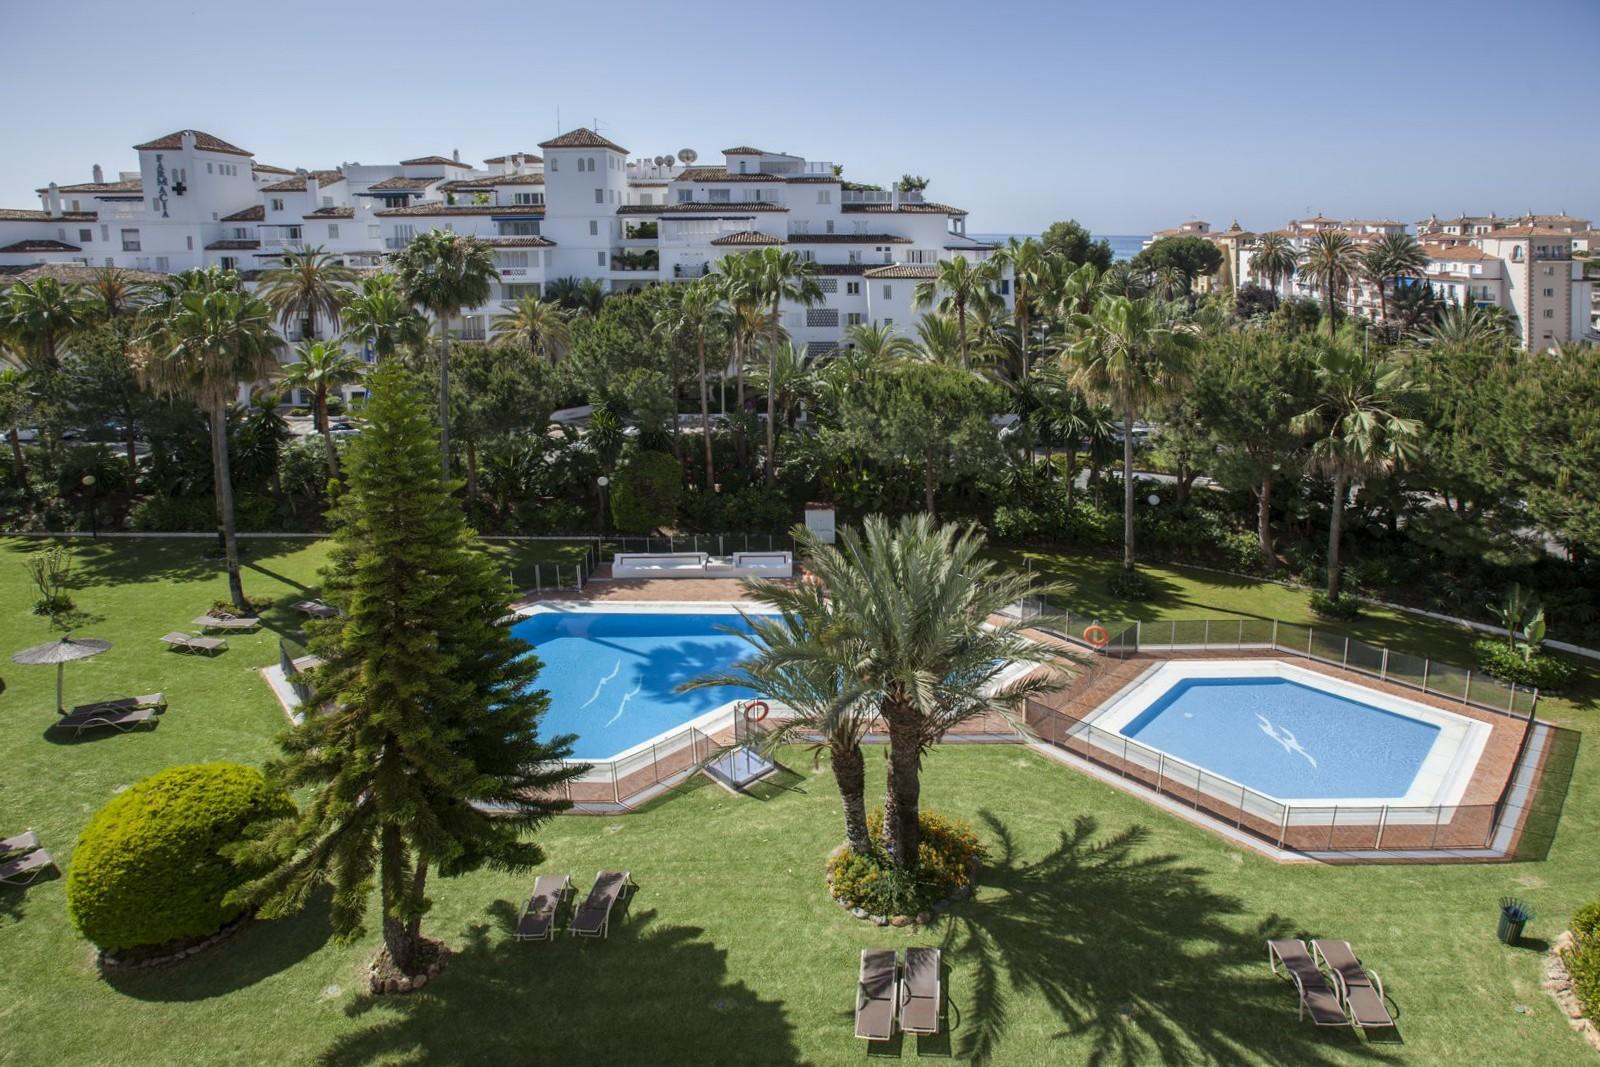 Wohnung im Verkauf in Playas del Duque, Marbella - Puerto Banus